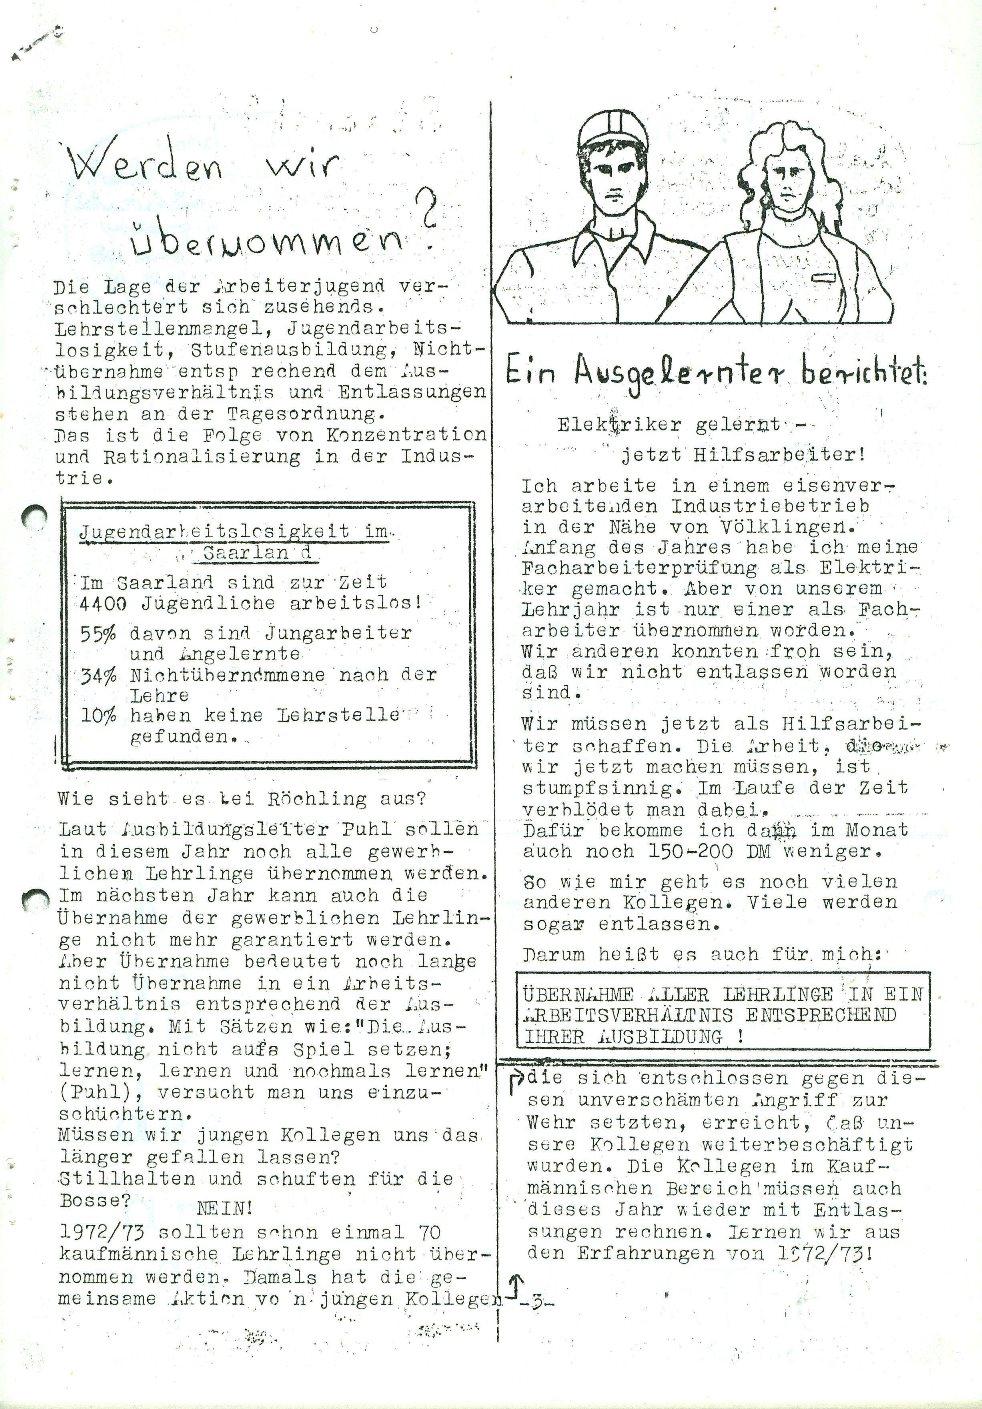 Voelklingen149